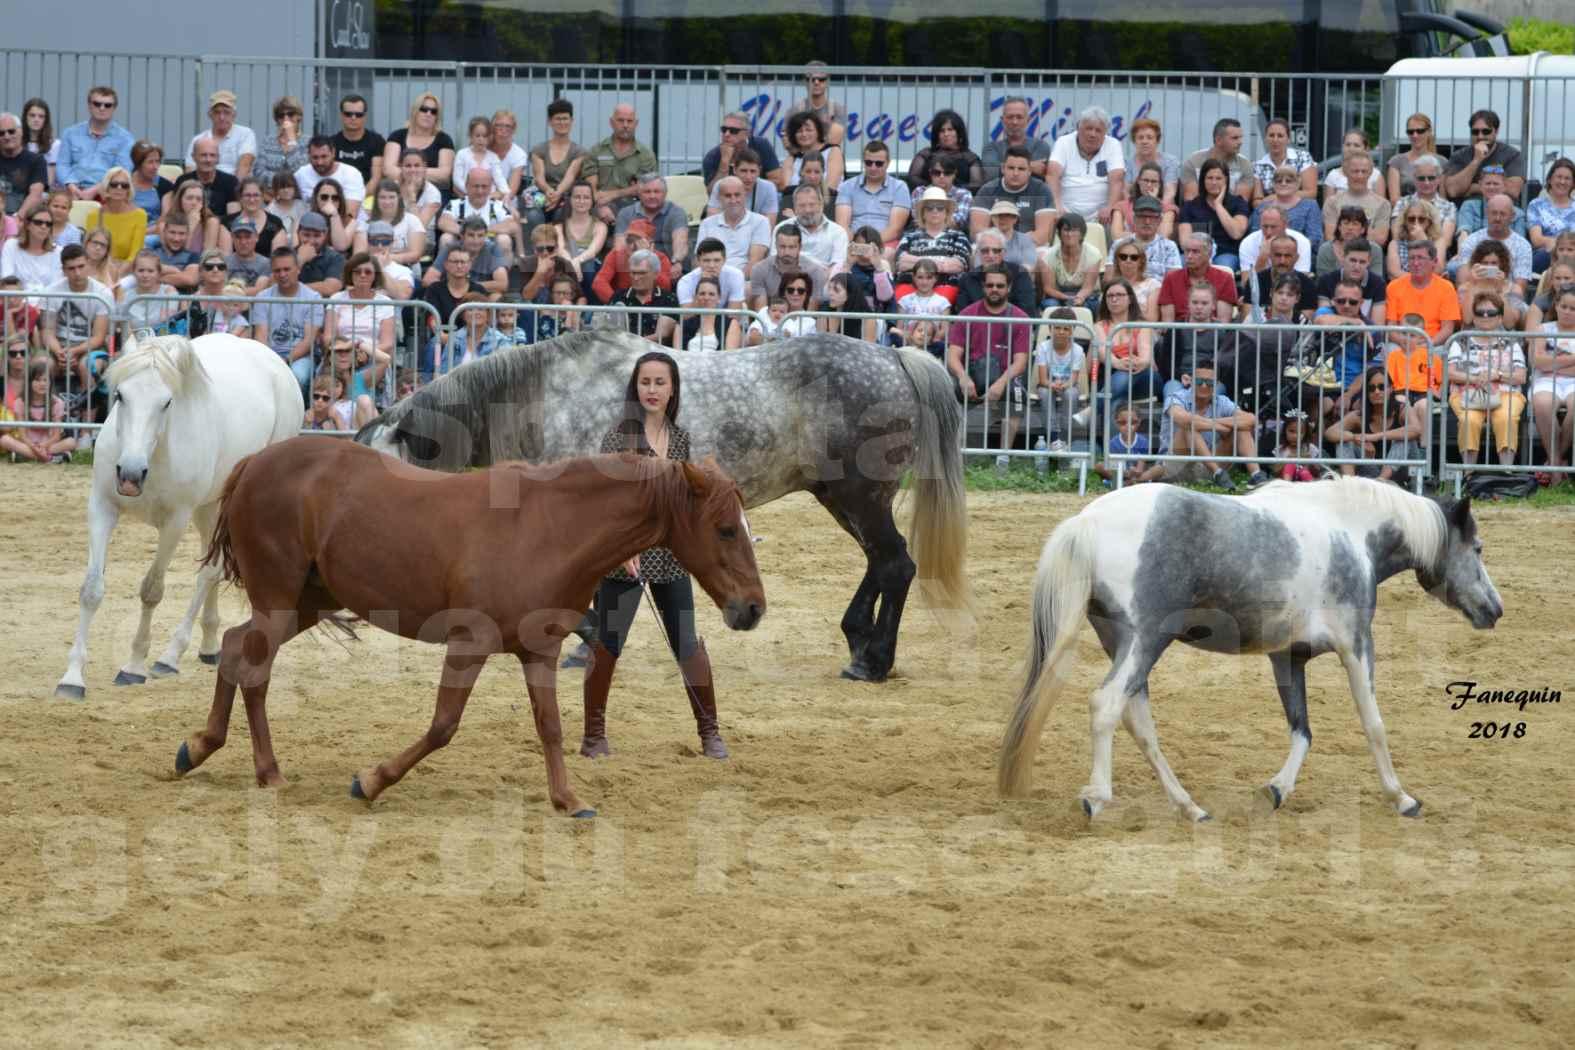 Spectacle Équestre le 3 juin 2018 à Saint Gély du Fesc - 5 chevaux en liberté - Anne Gaëlle BERTHO - 05